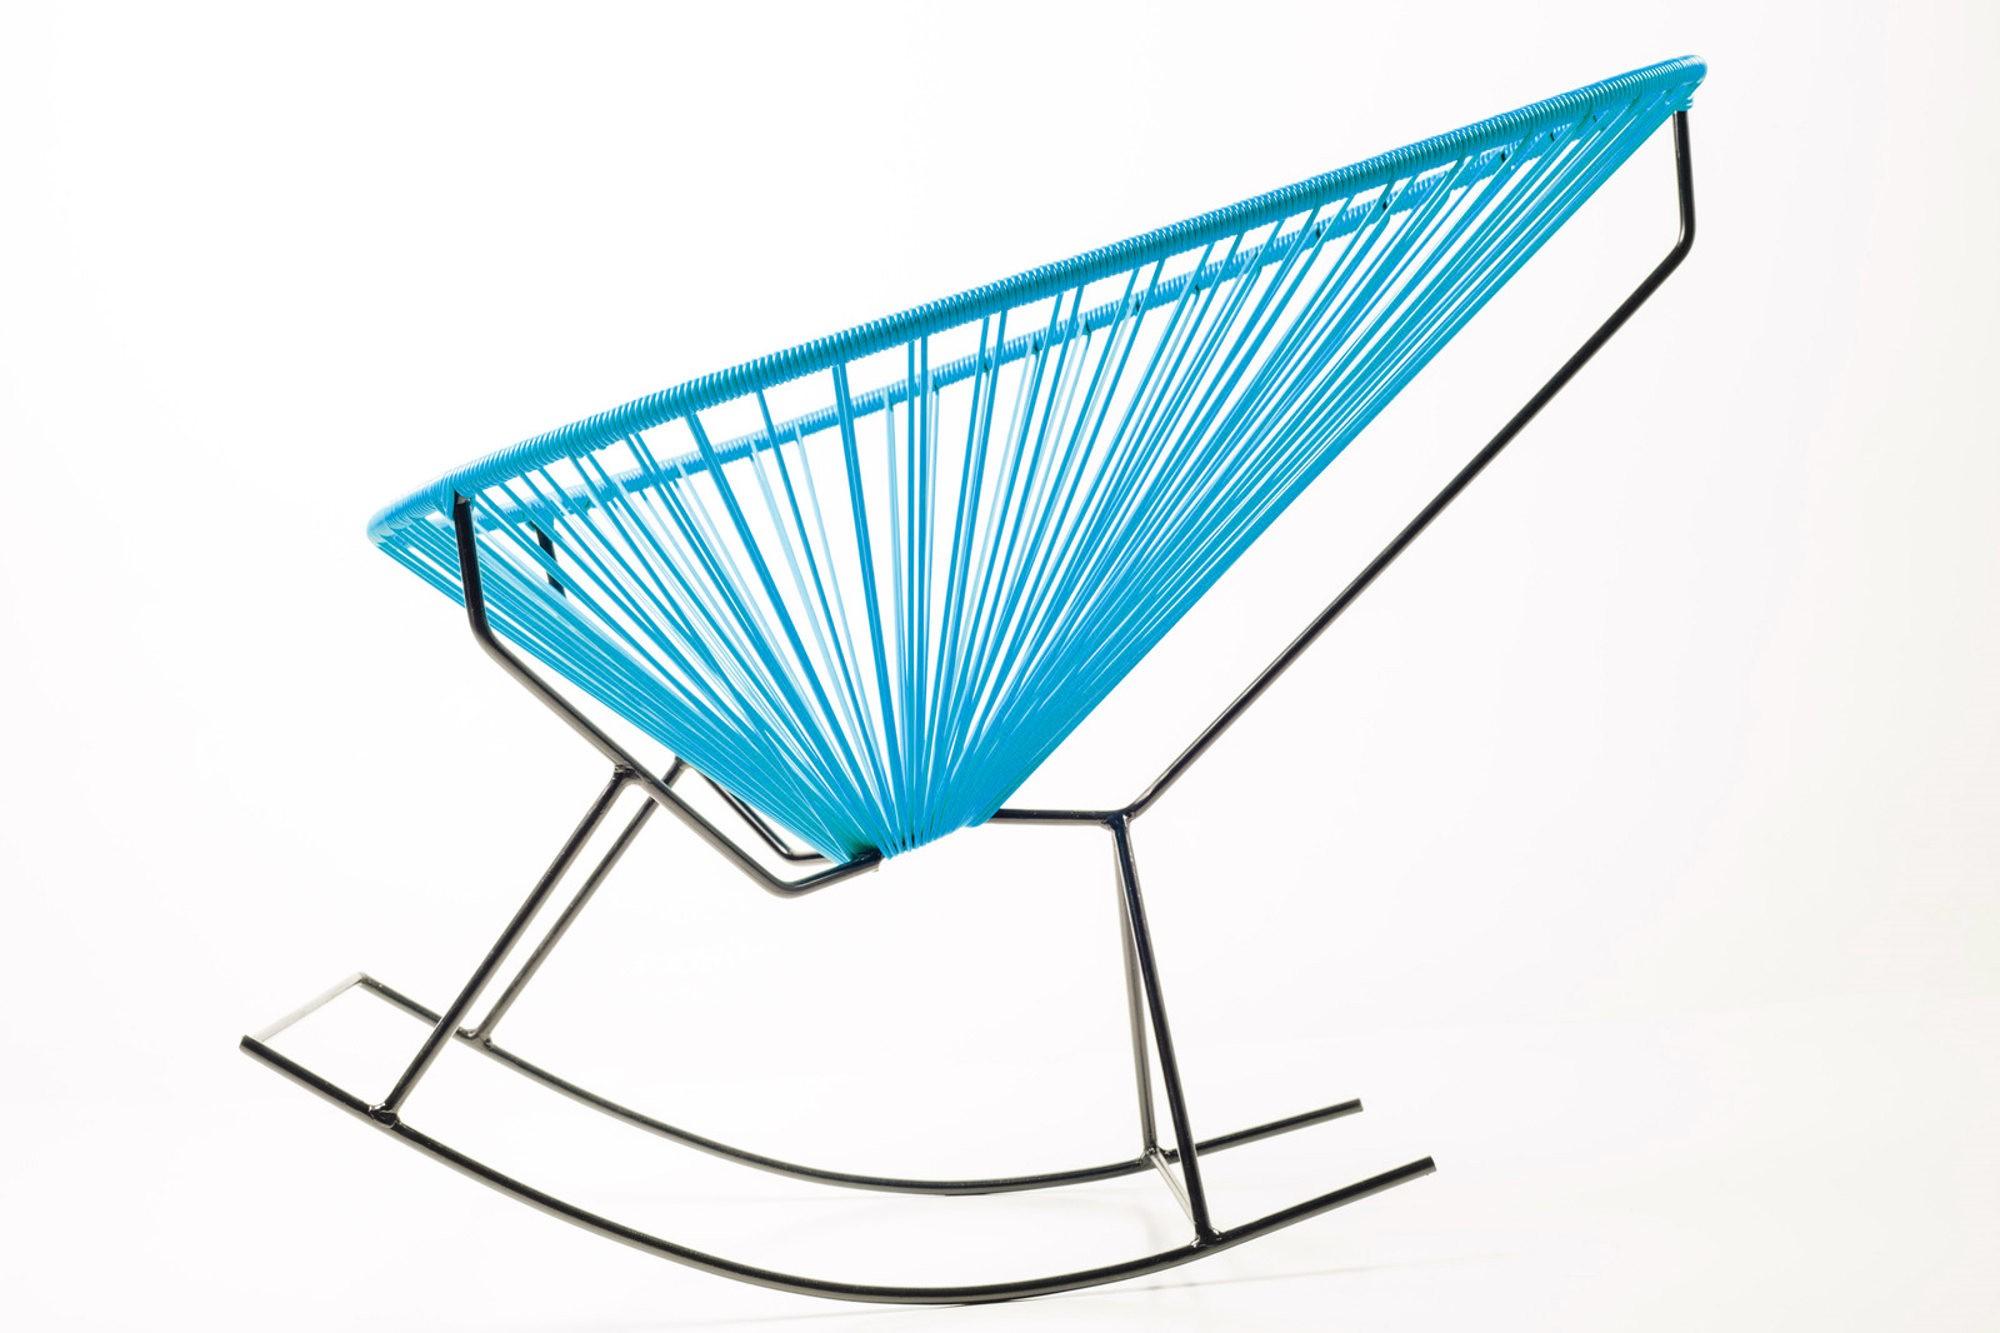 Vista su mecedora y disfrute de su confort la prensa - Sillas de plastico para terraza ...